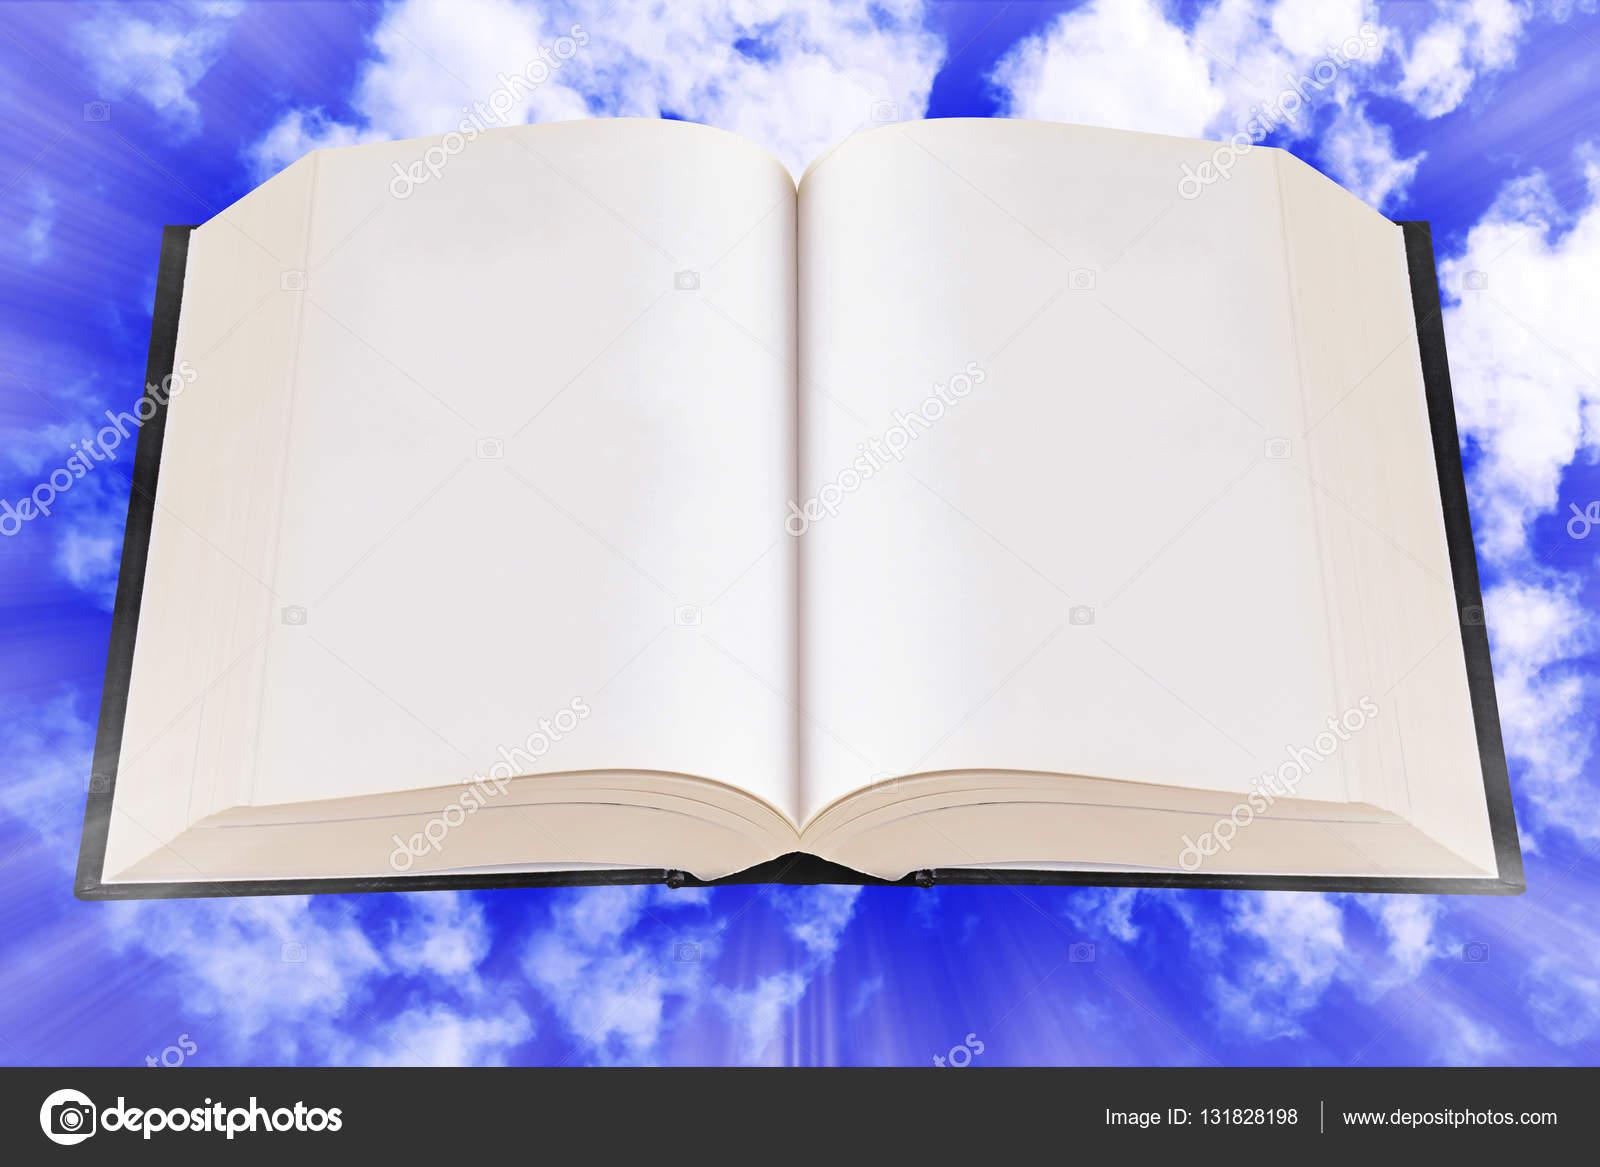 Imágenes: Biblia Abierta